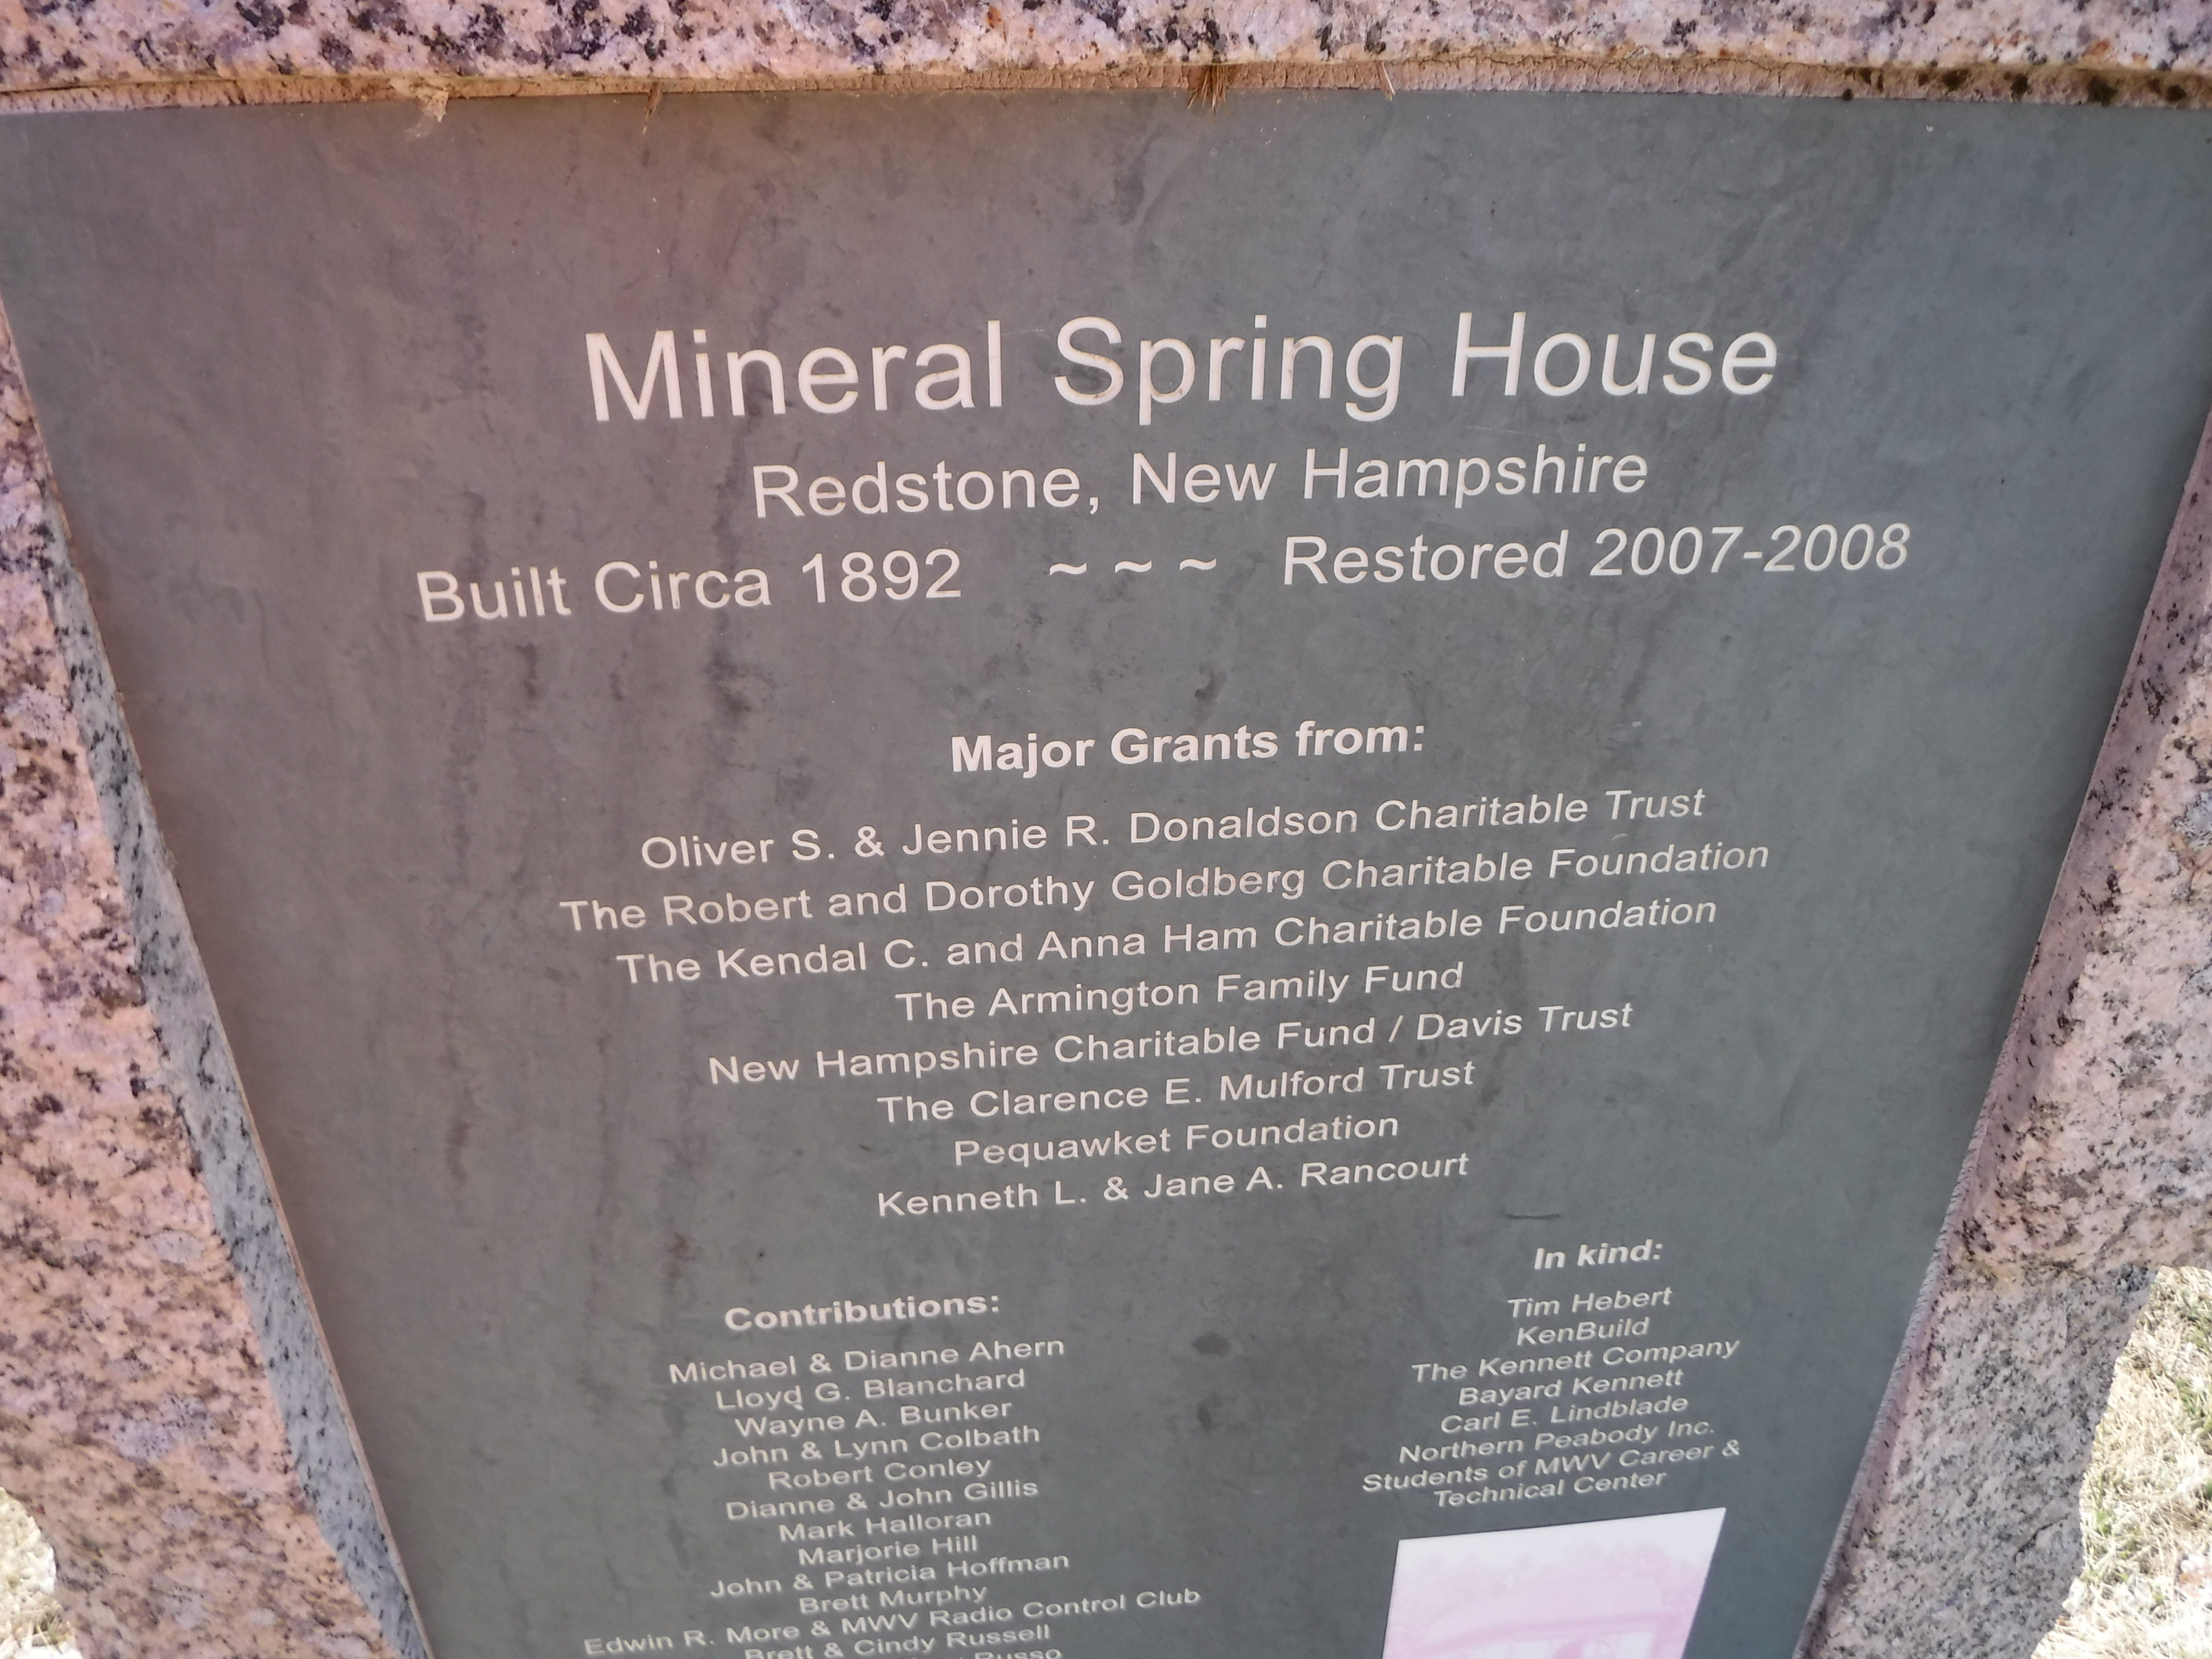 Top part of plaque